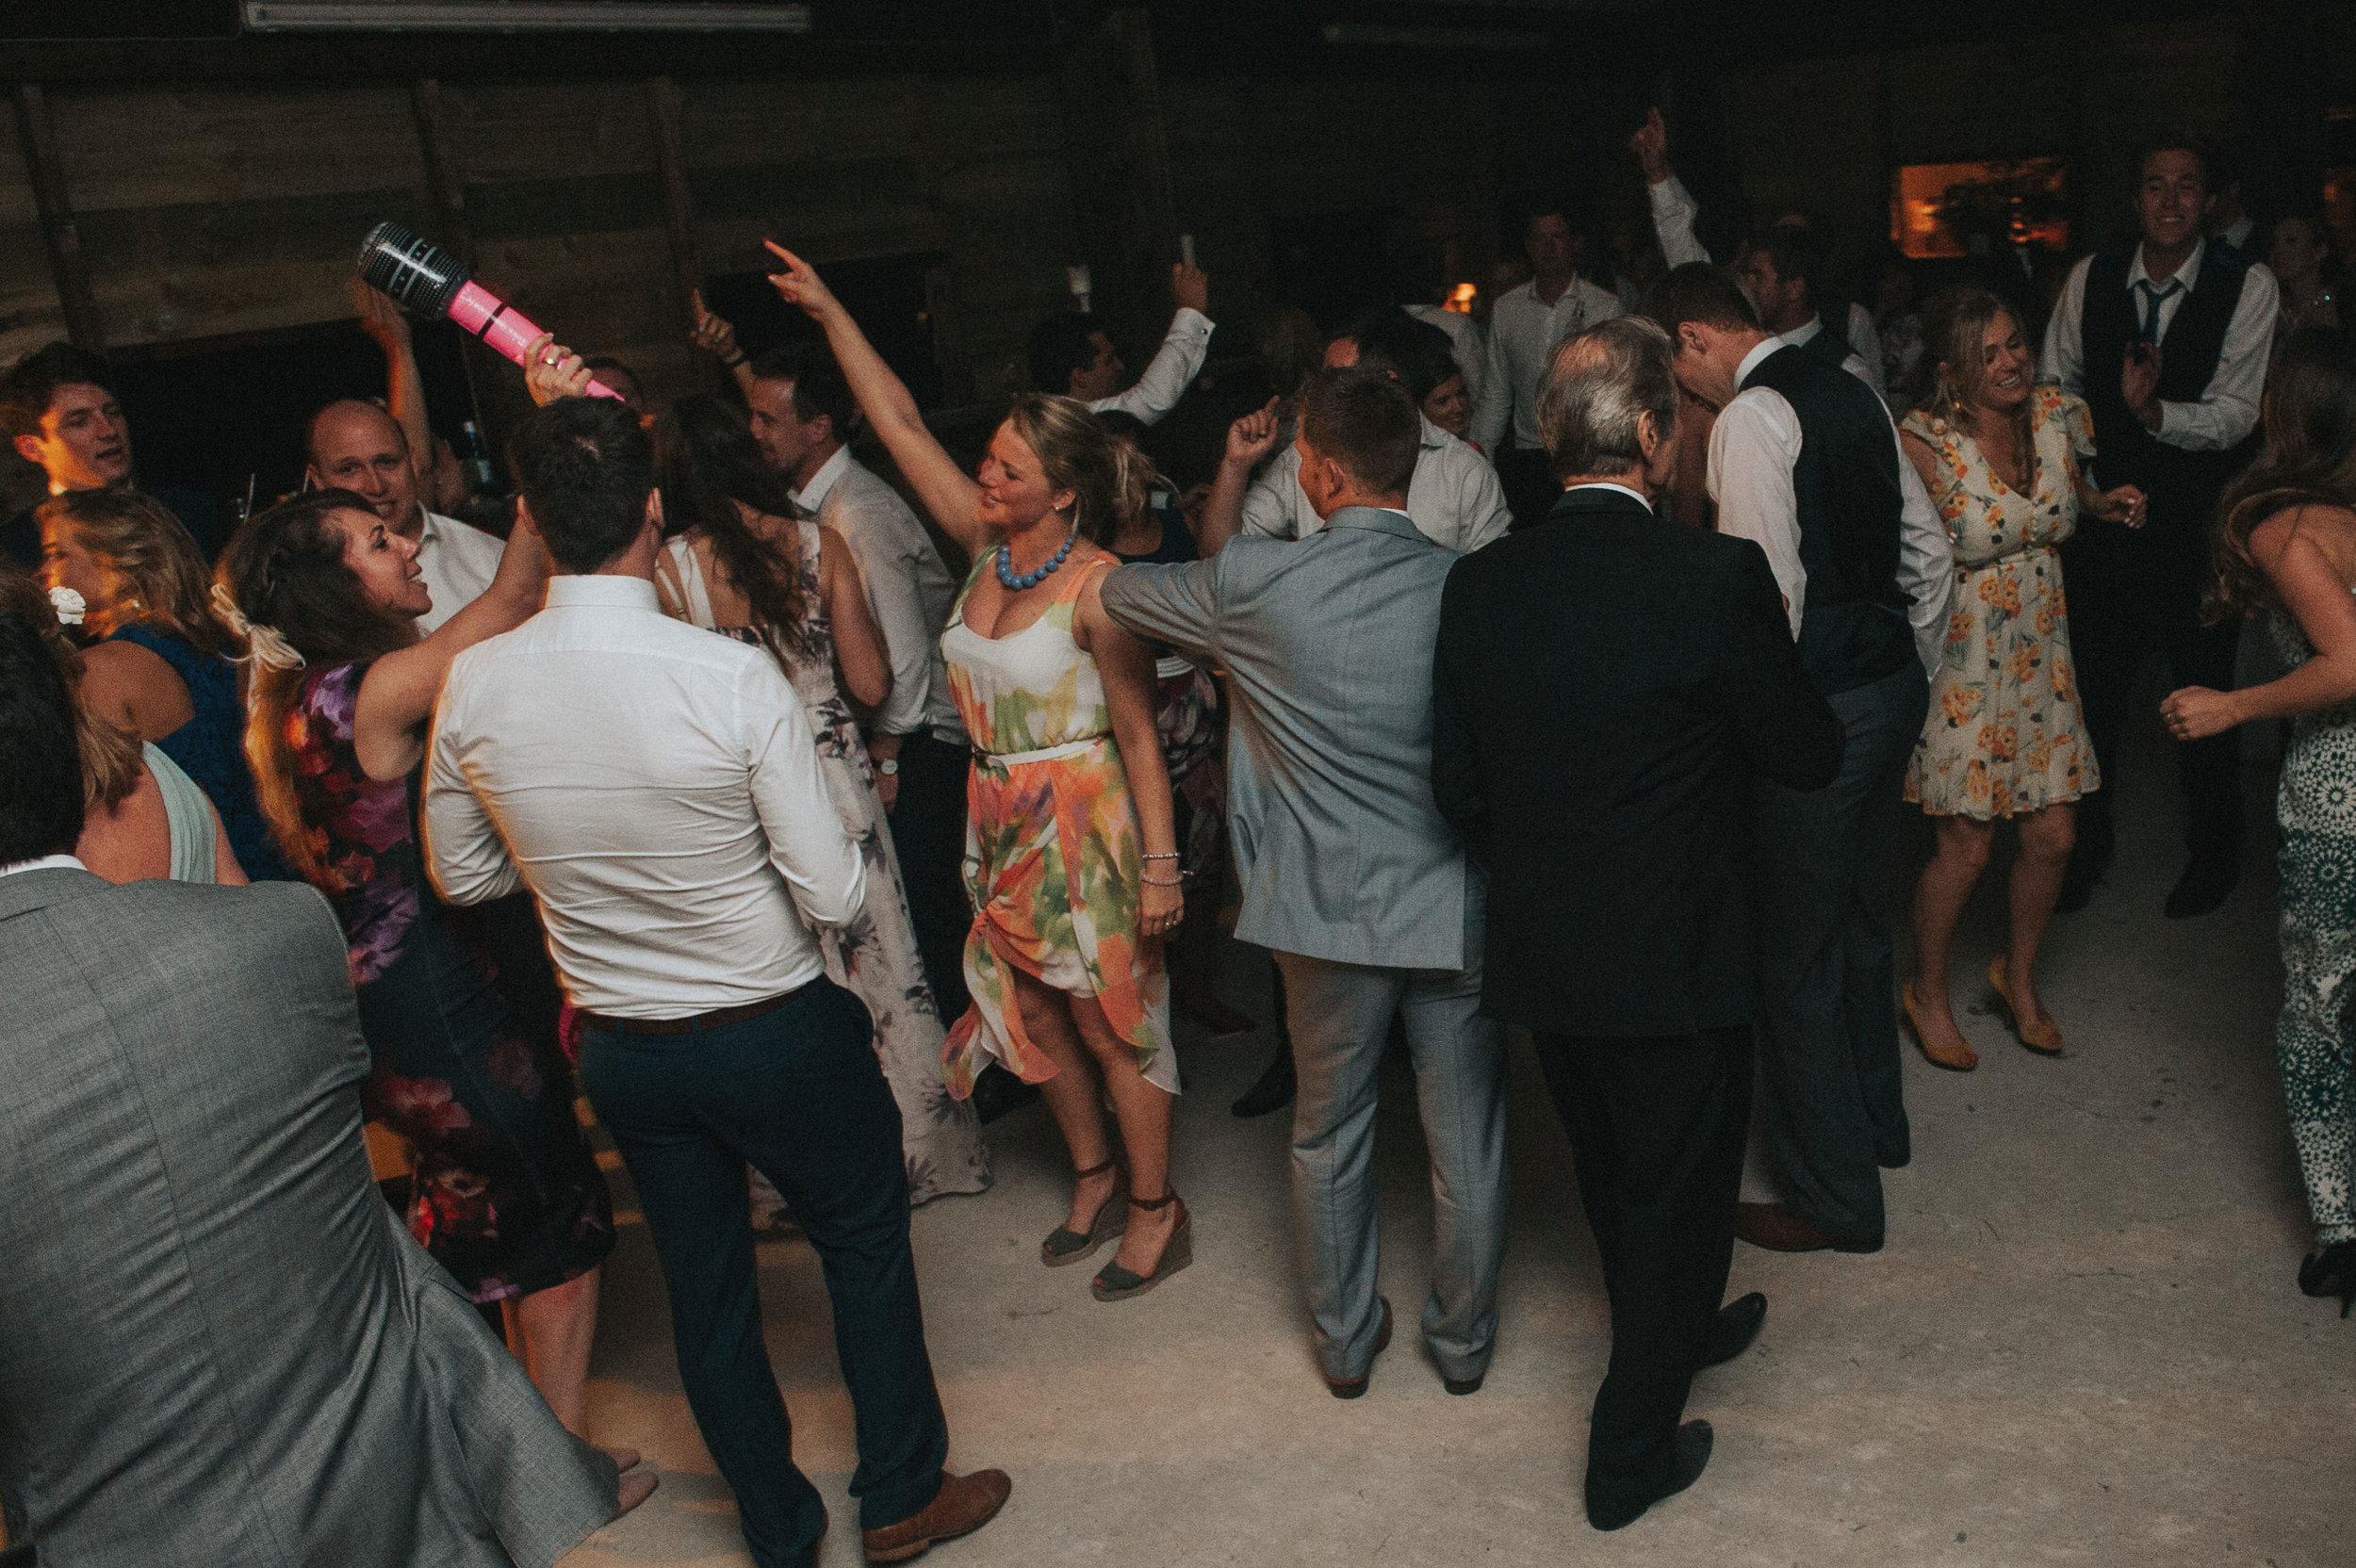 festival-farm-wedding-181.jpg